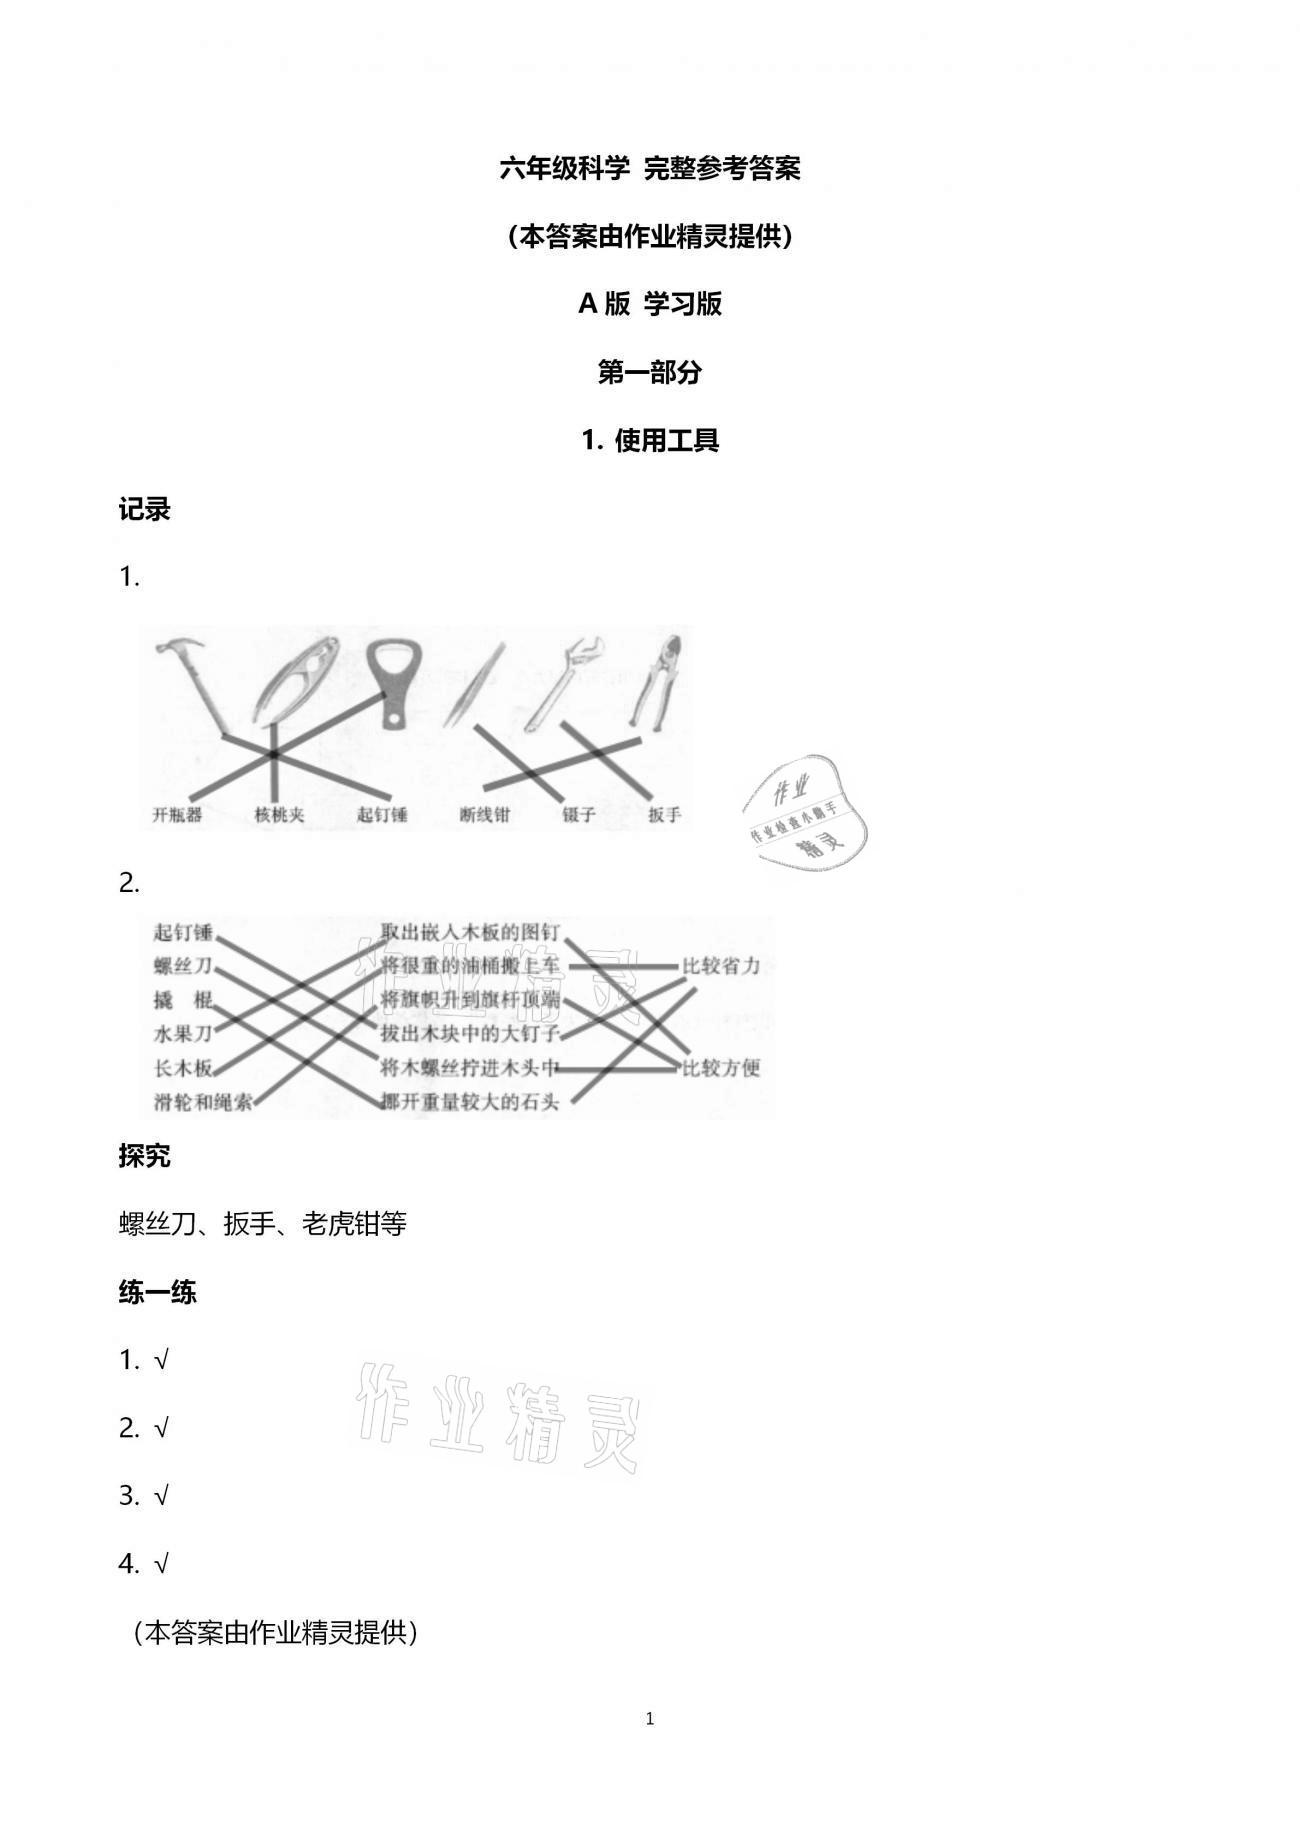 2021年寒假作业六年级教科版教育科学出版社第1页